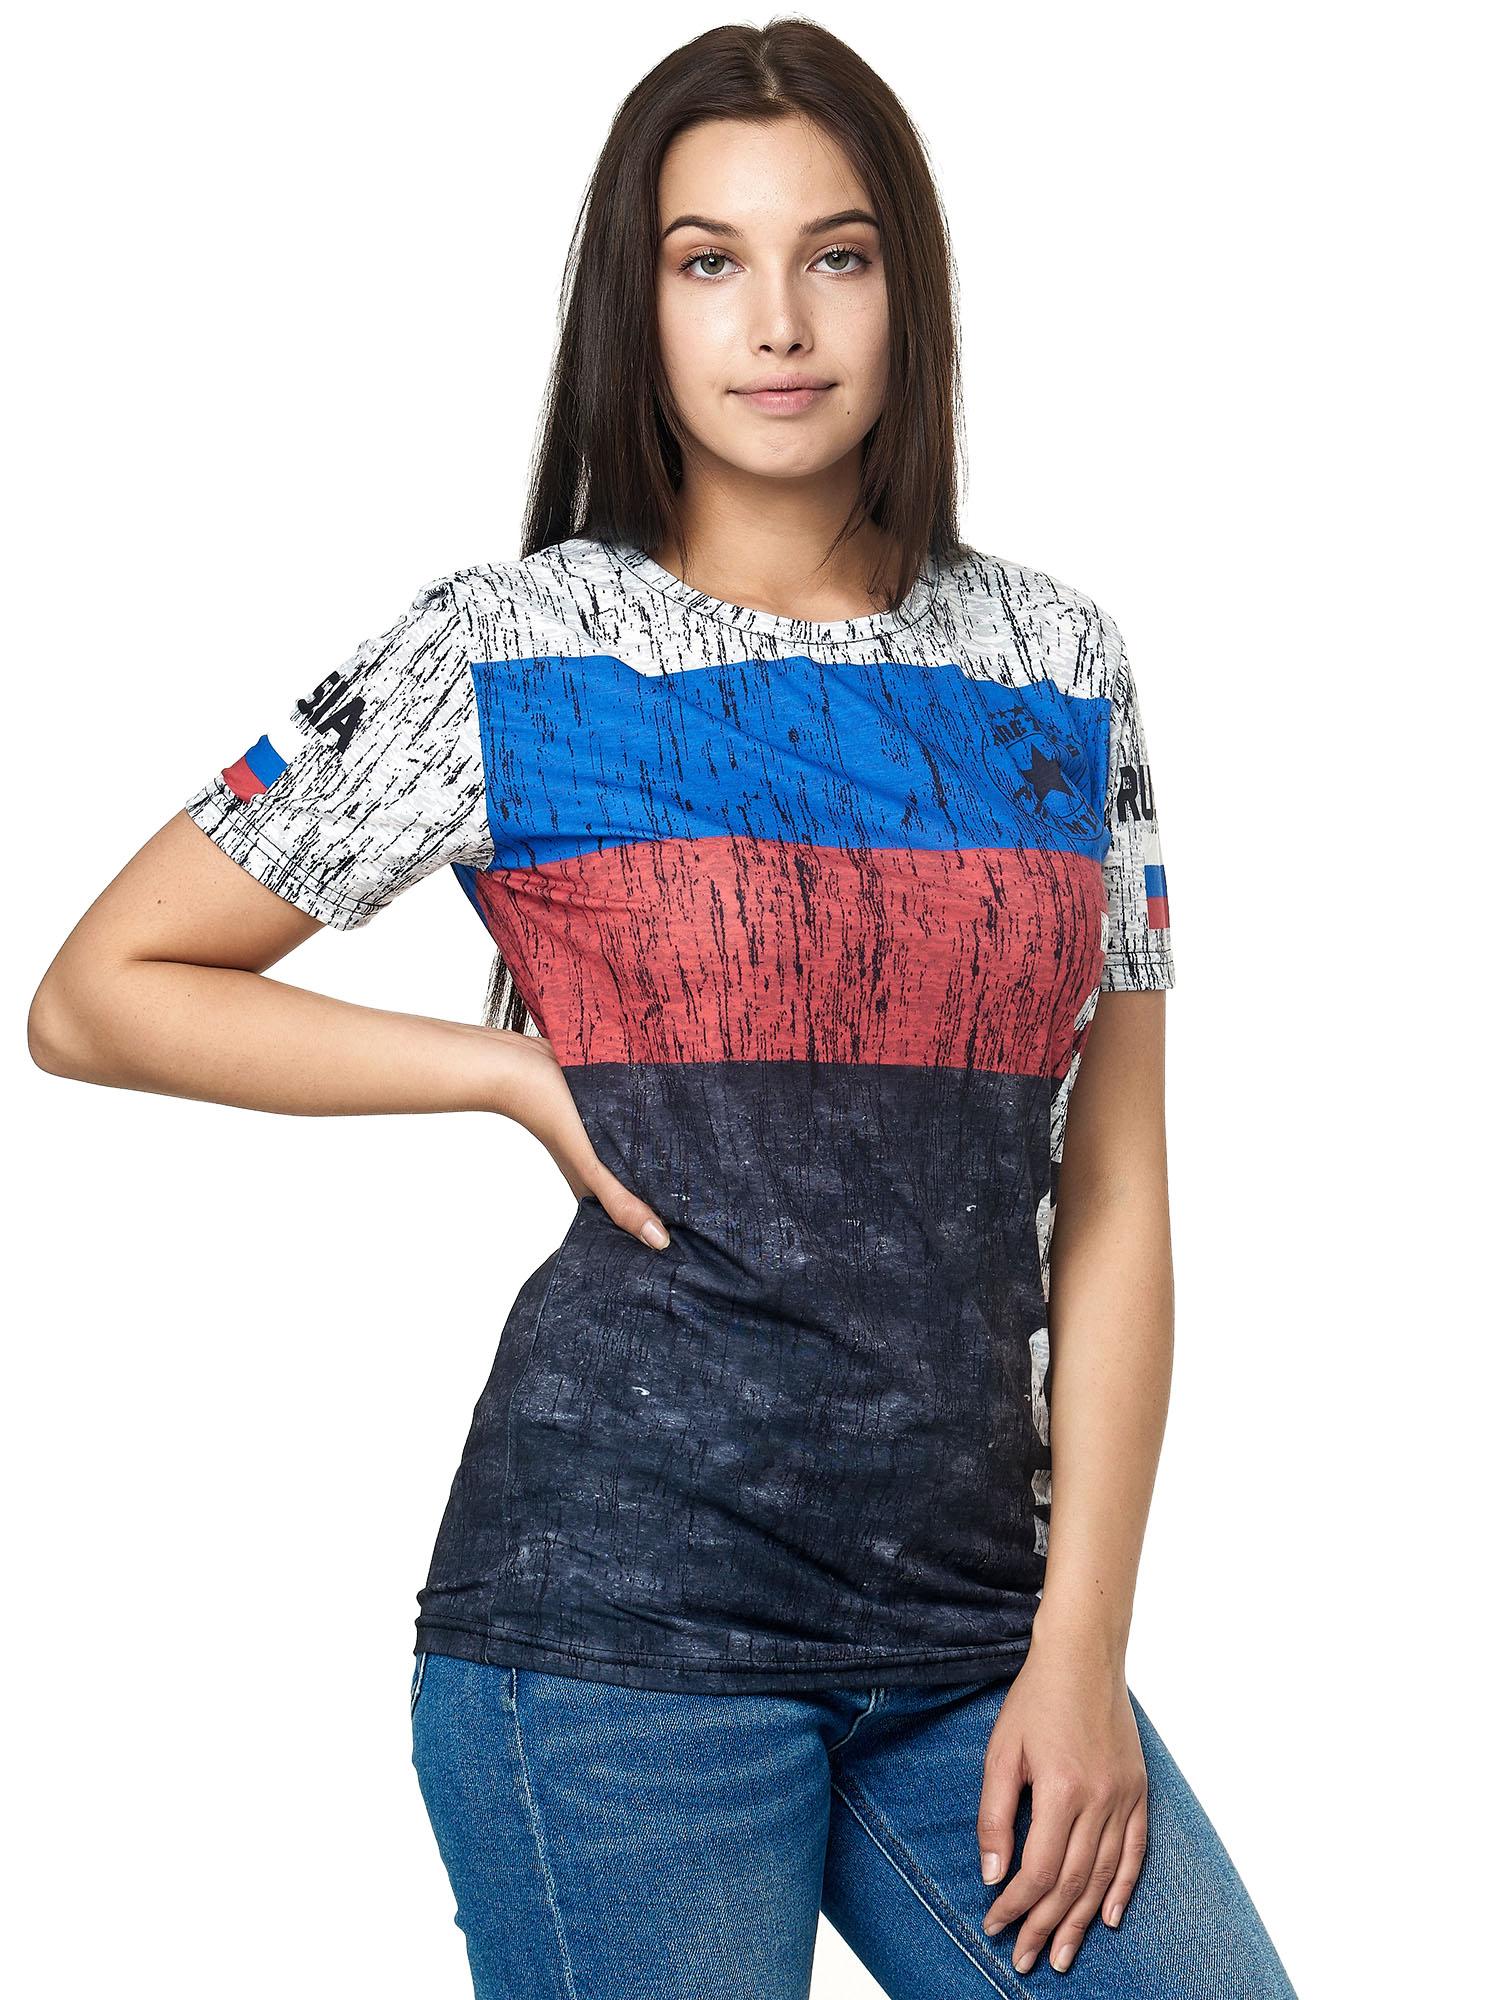 Paesi-da-Donna-T-shirt-A-Maniche-Corte-Girocollo-donne-CALCIO-Fanshirt-John-Kayna miniatura 98